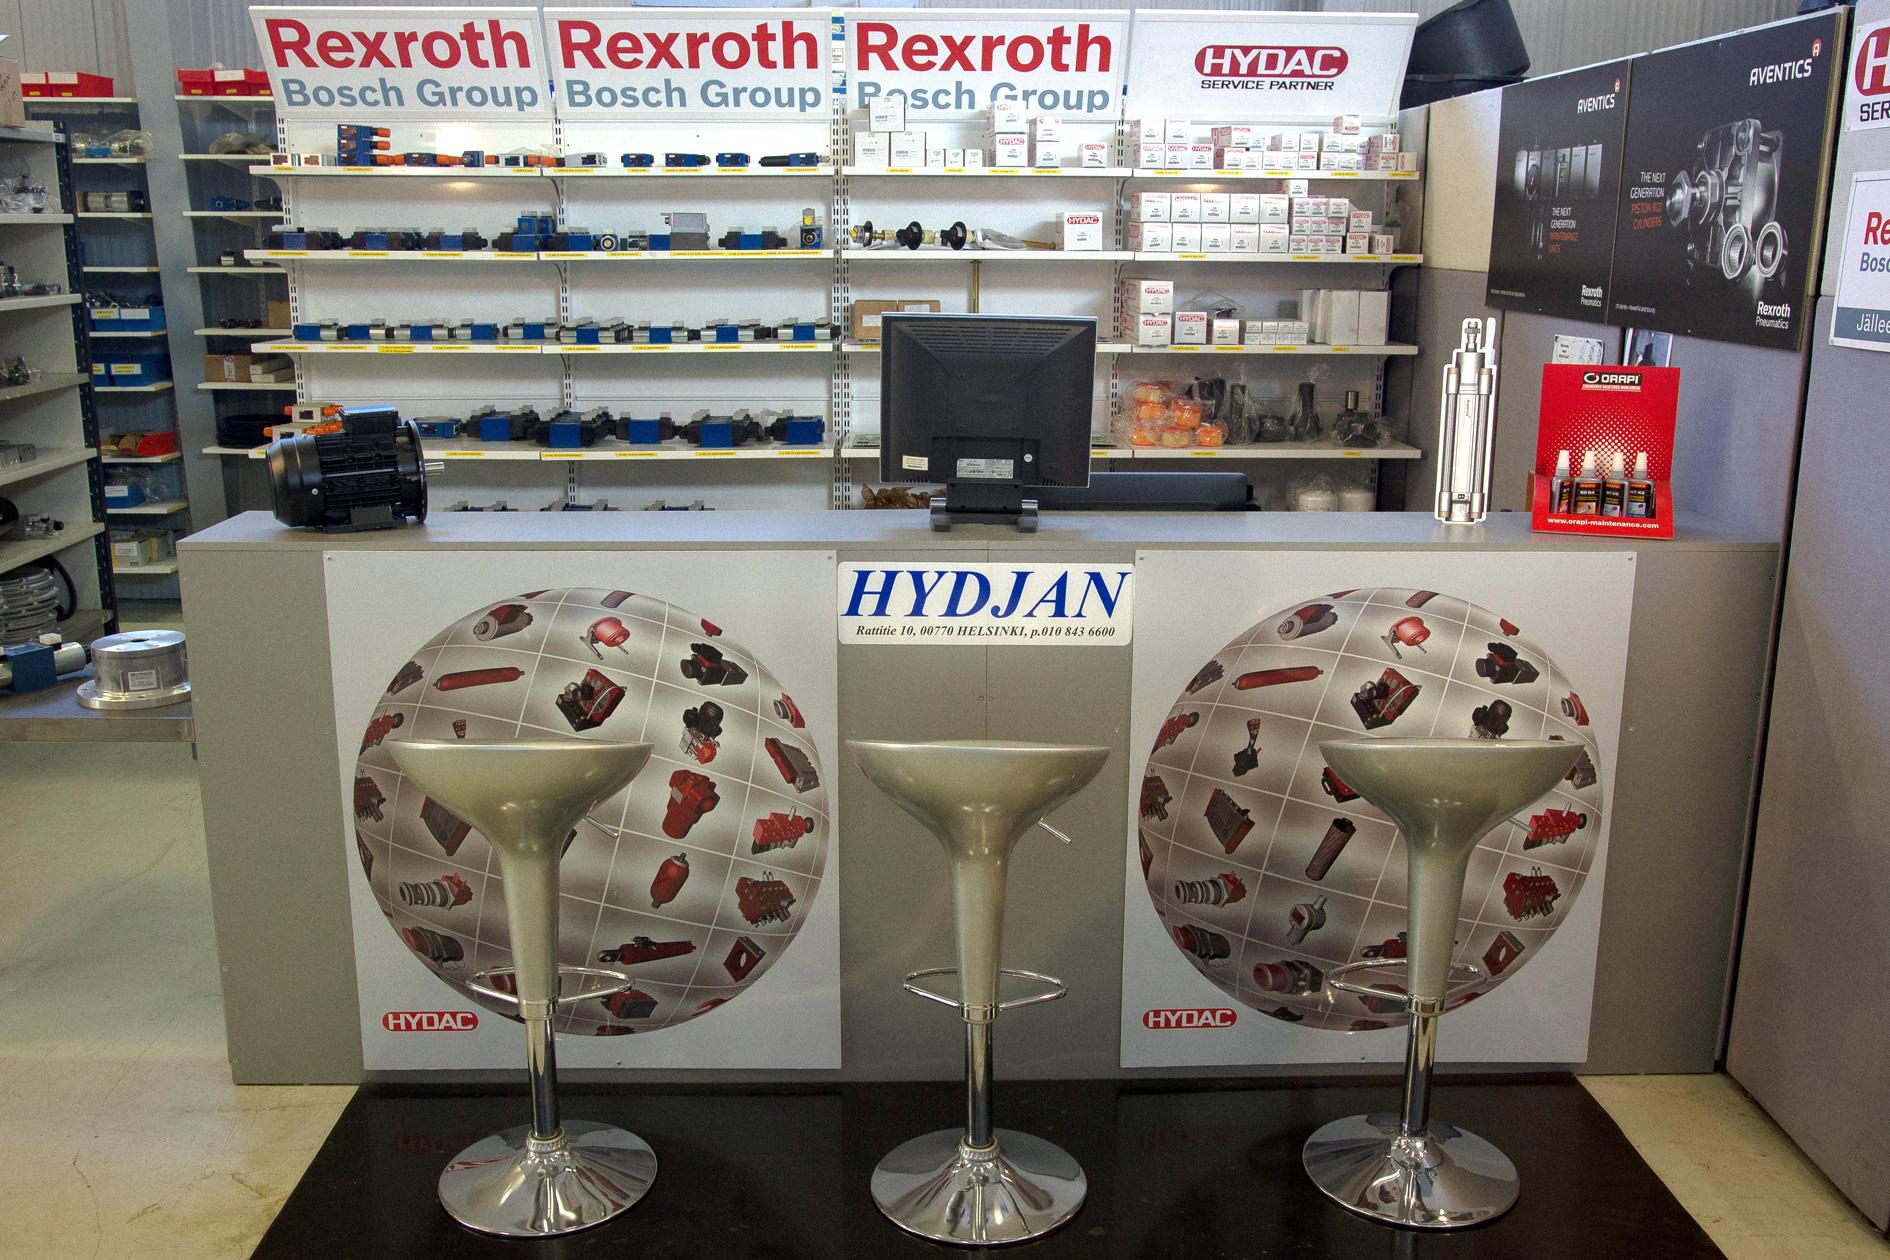 Hydjan - hydrauliikan ammattilainen palveluksessasi